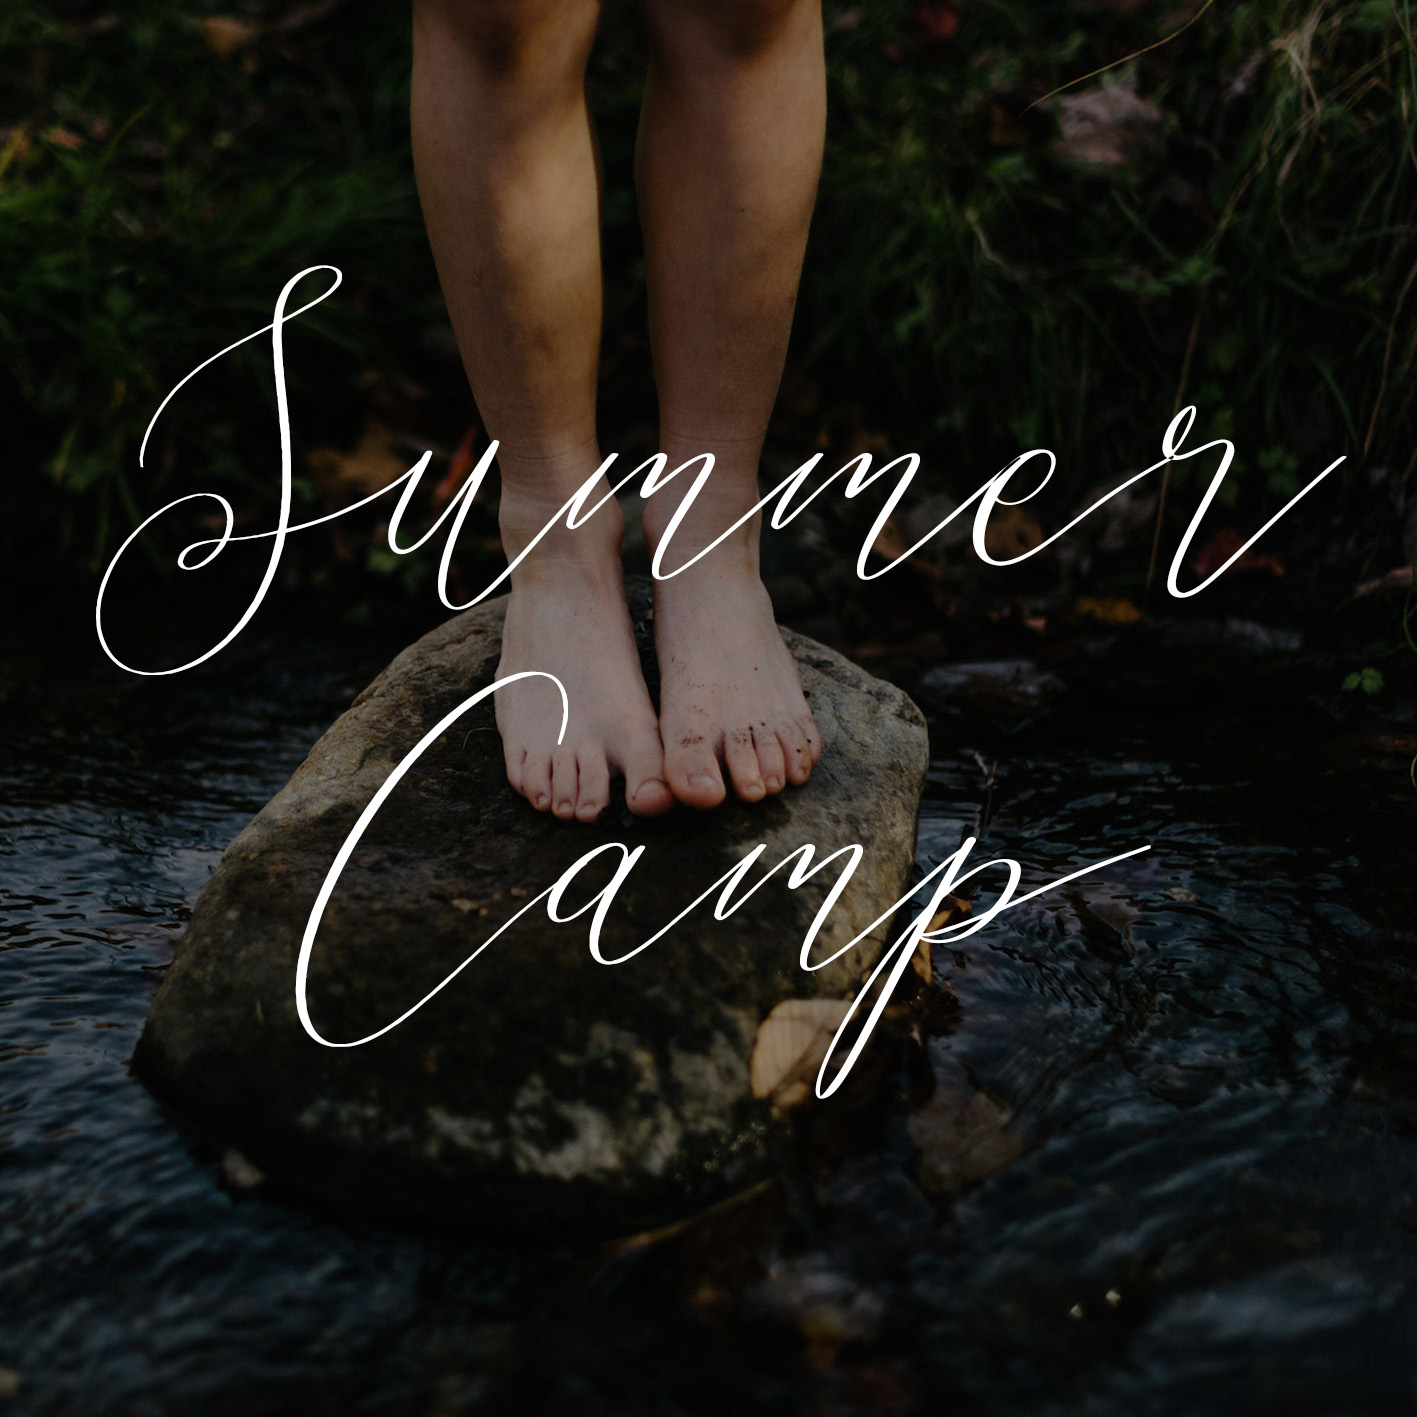 summer camp script font.jpg